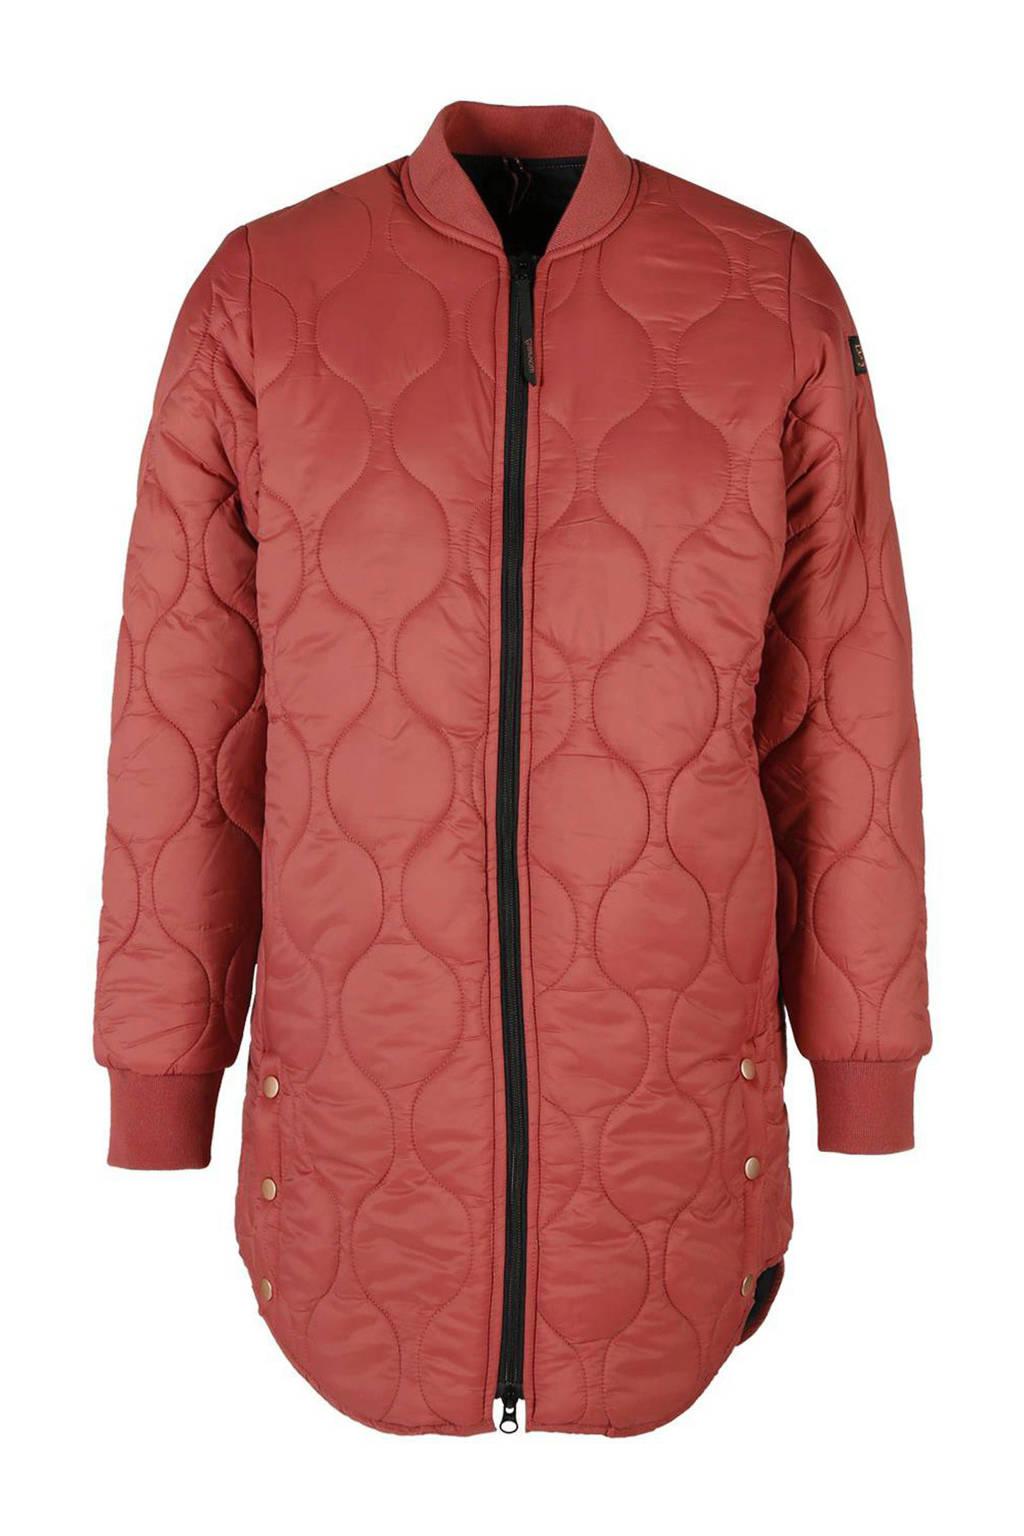 Brunotti gewatteerde jas rood, Rood